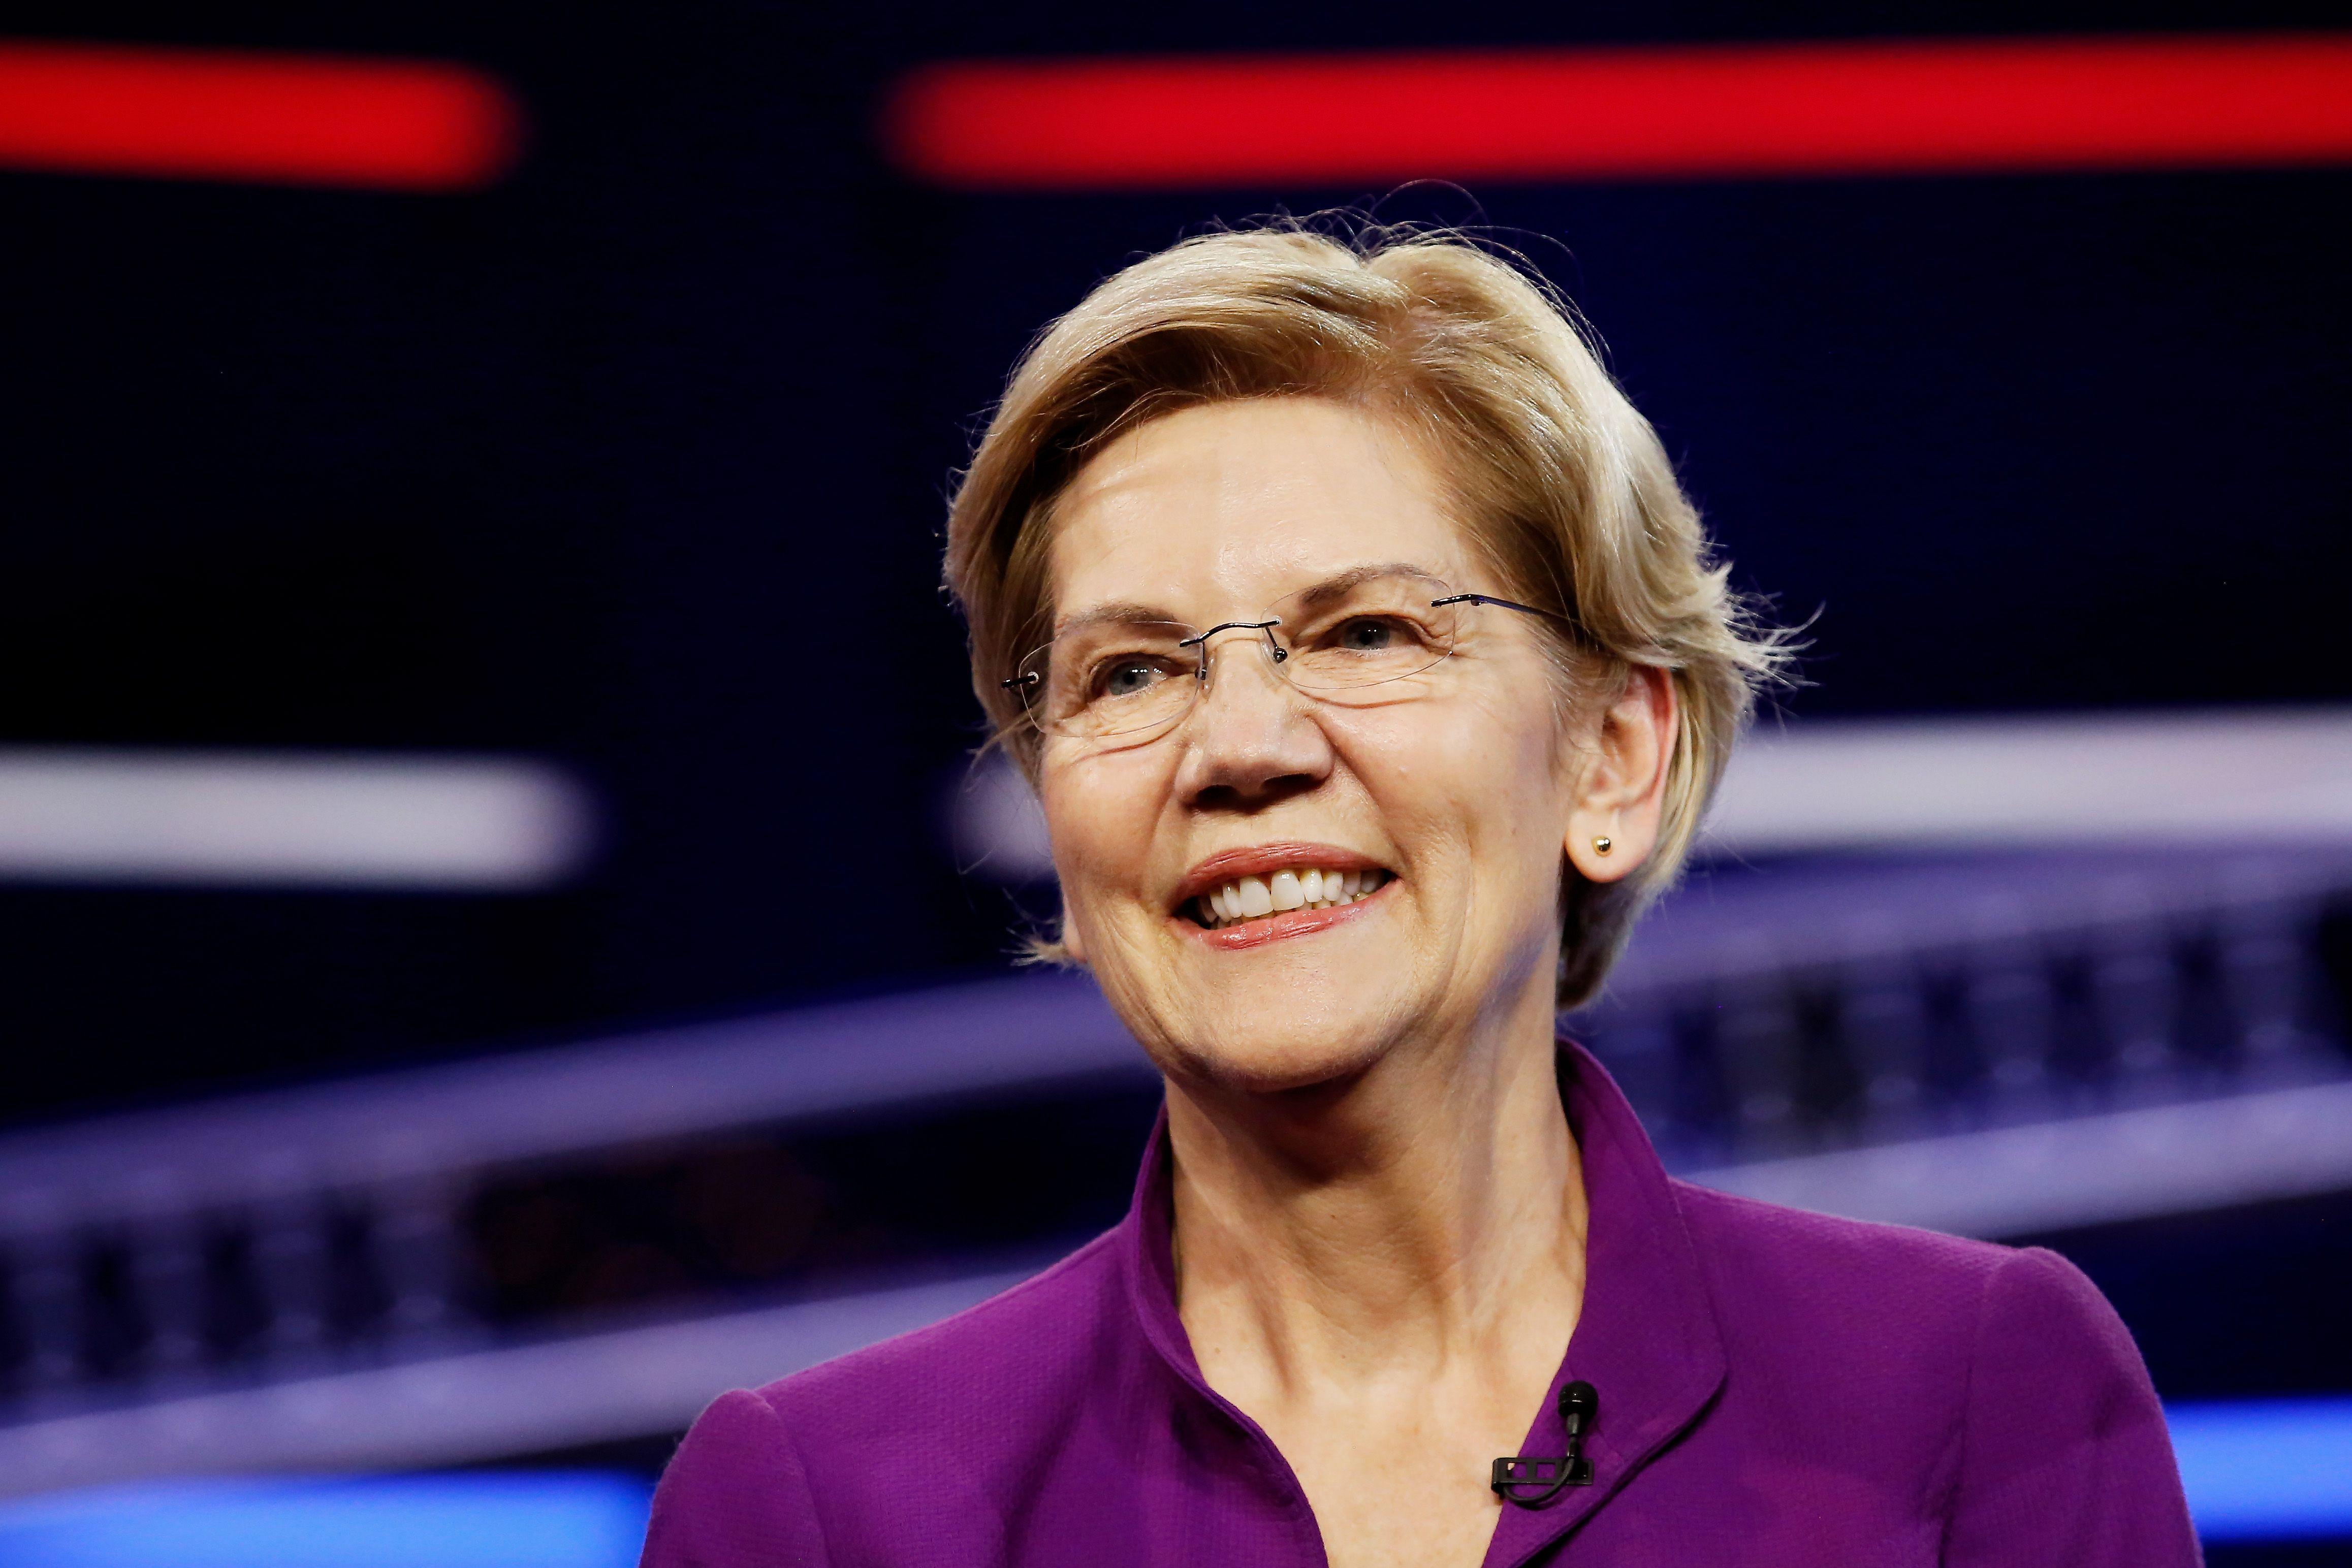 Elizabeth Warren's Mother, Pauline Herring, Had a Profound Impact on Warren's Life and Work